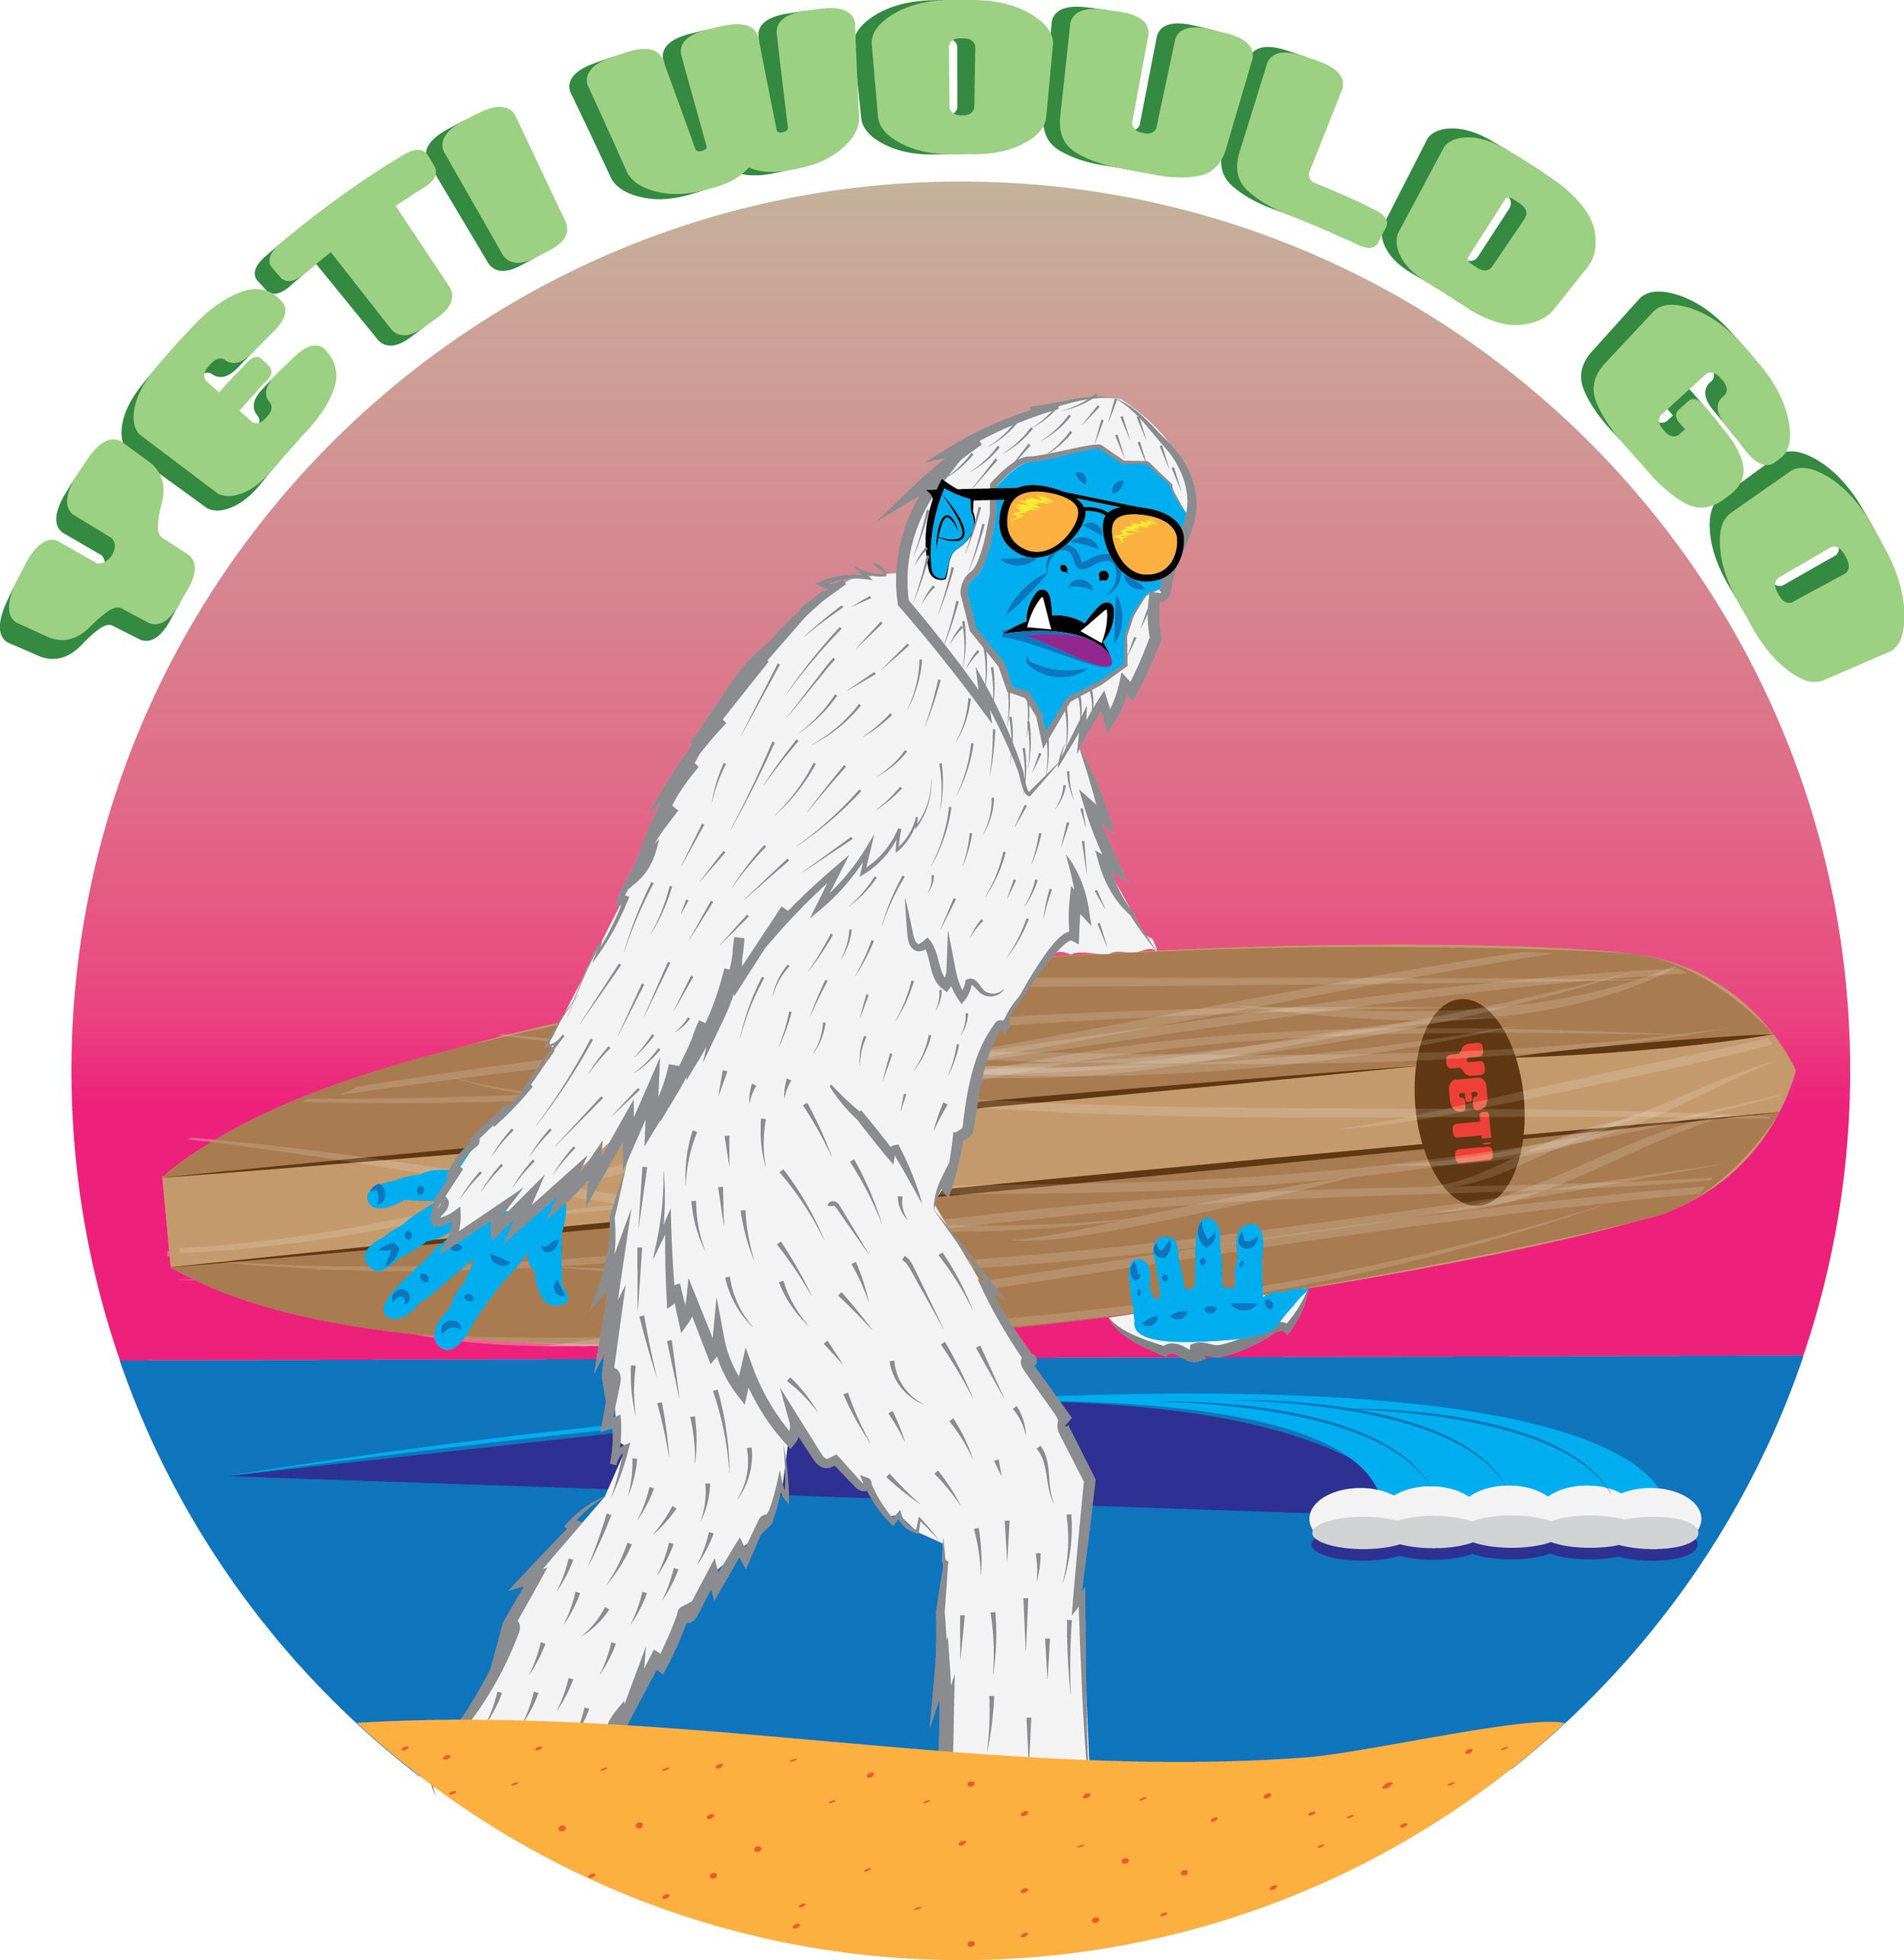 Concept logo for a start up surfboard manufacturer.